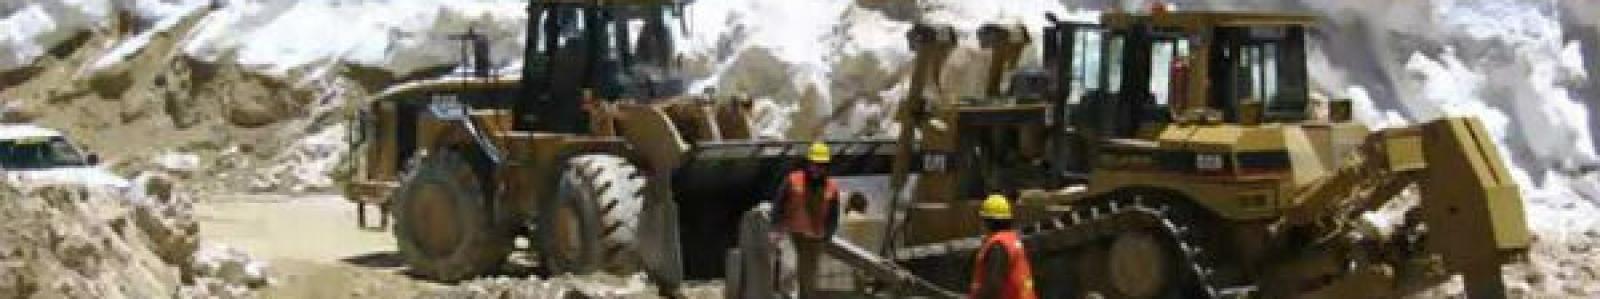 pascua lama mining project